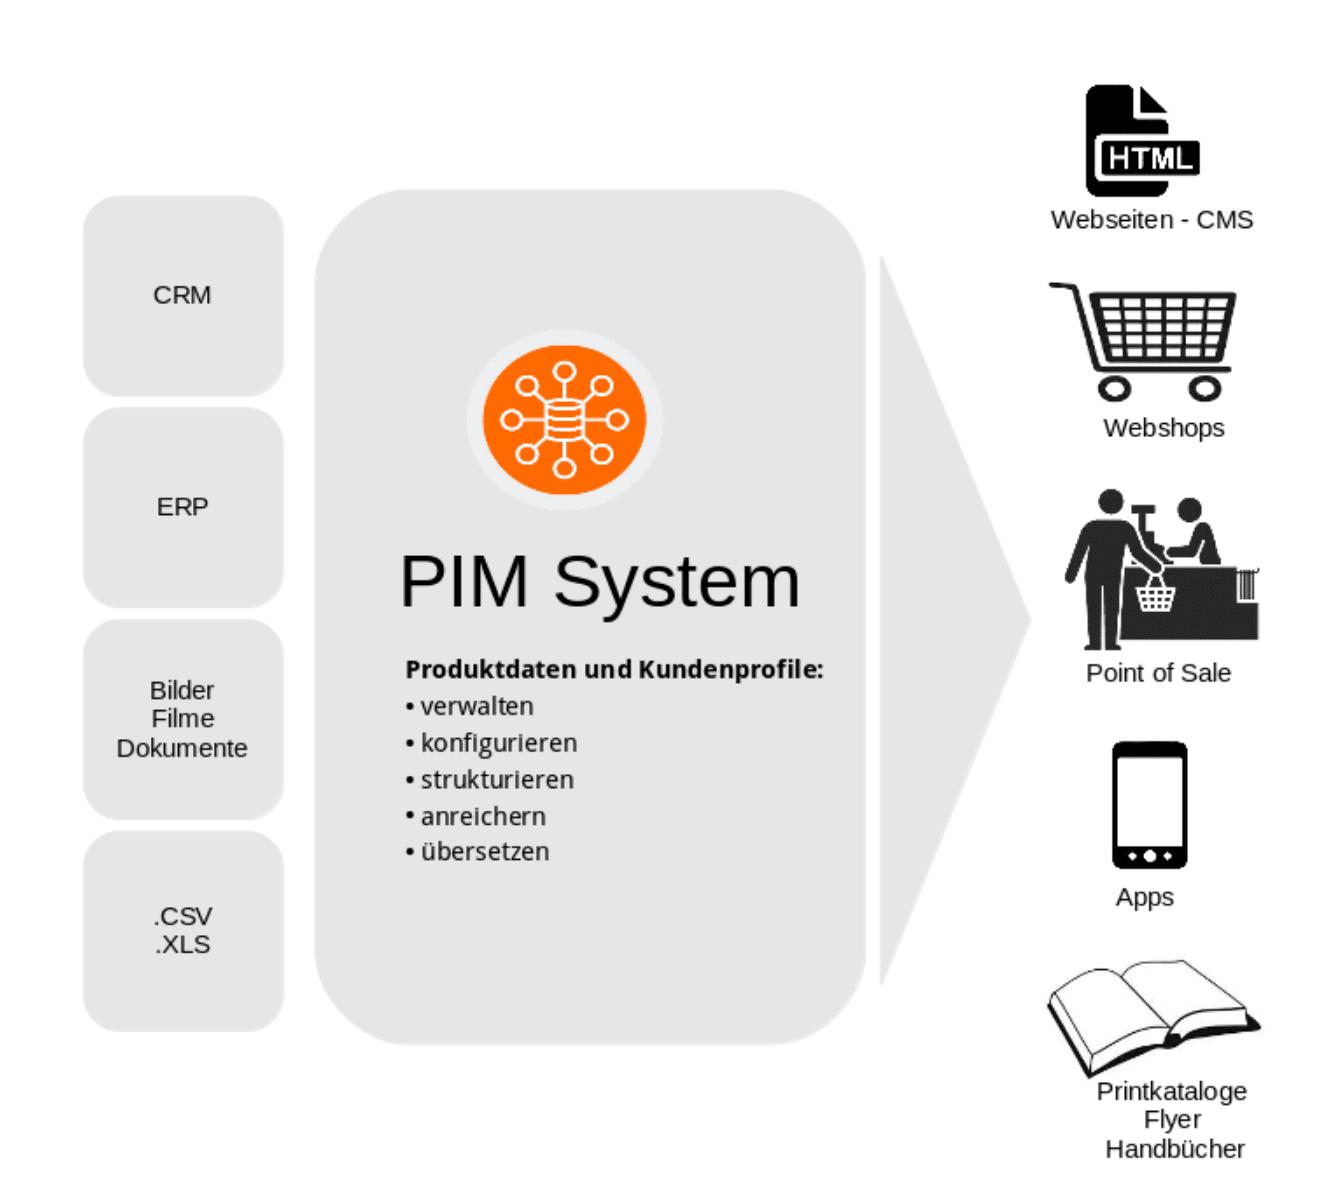 Das Bild zeigt die Funktionsweise eines PIM Systems zur Pflege von Produktdaten.